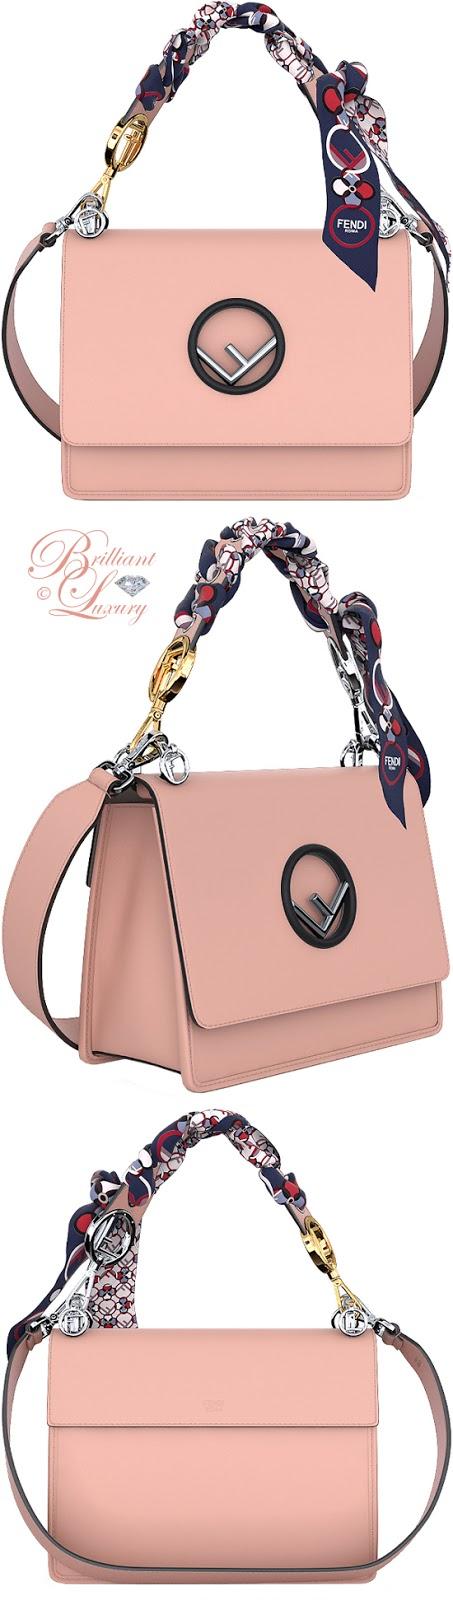 Brilliant Luxury ♦ Fendi customisable Kan I F bag